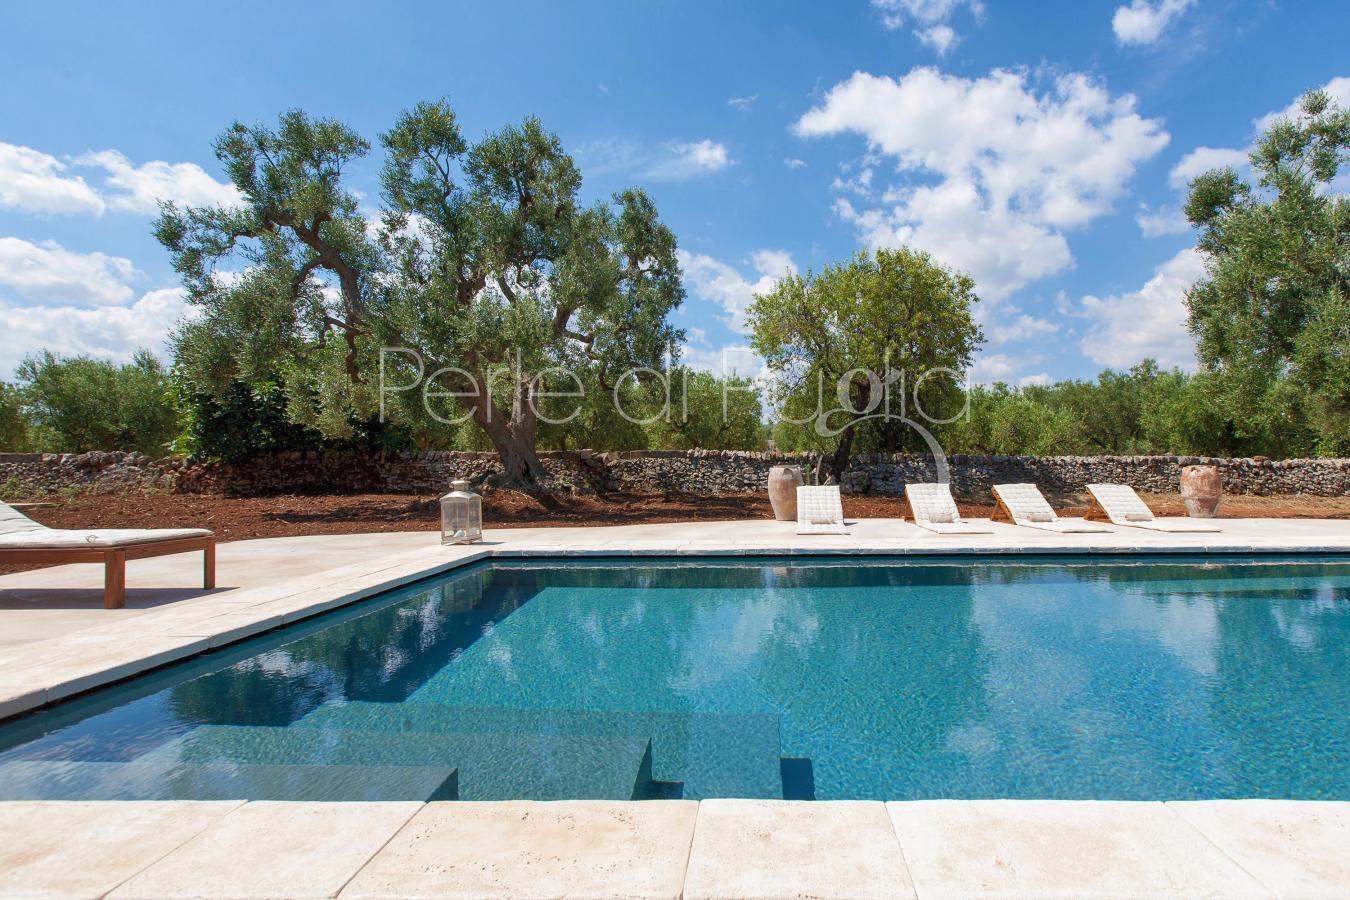 Perle di puglia affitto ville e case di lusso in puglia for Progetti di piscine e pool house